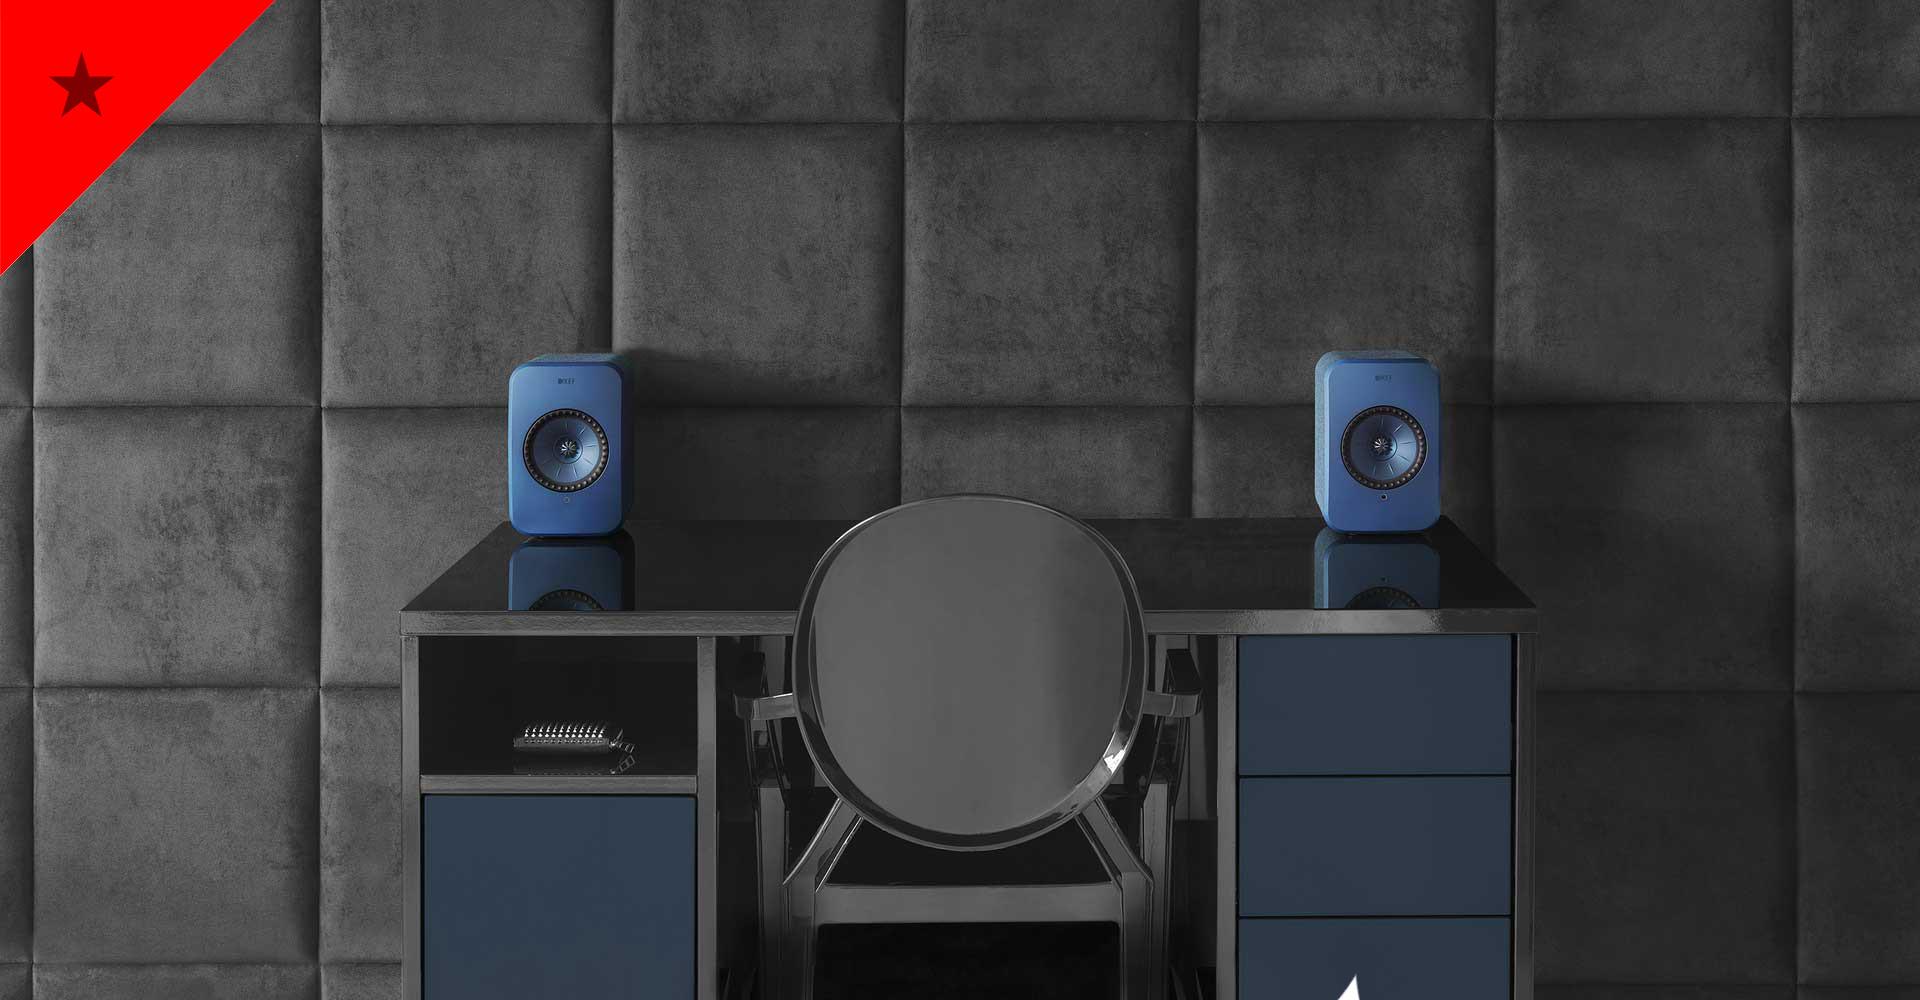 Top Ponuda Kef Lsx Blue